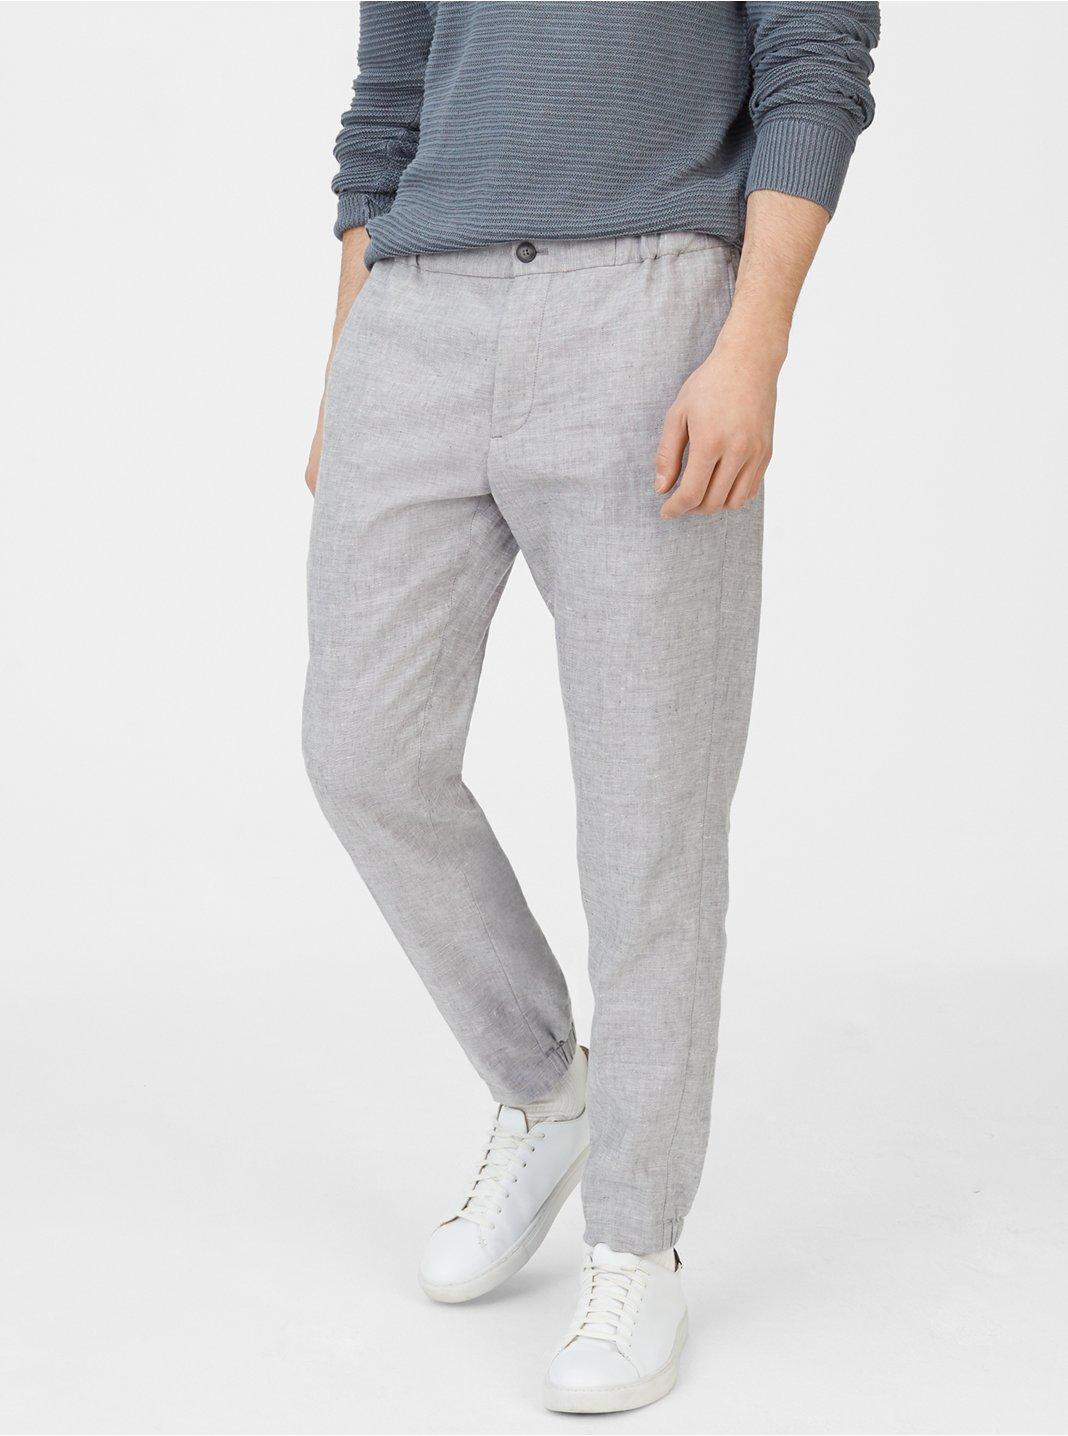 Lex Linen Trouser